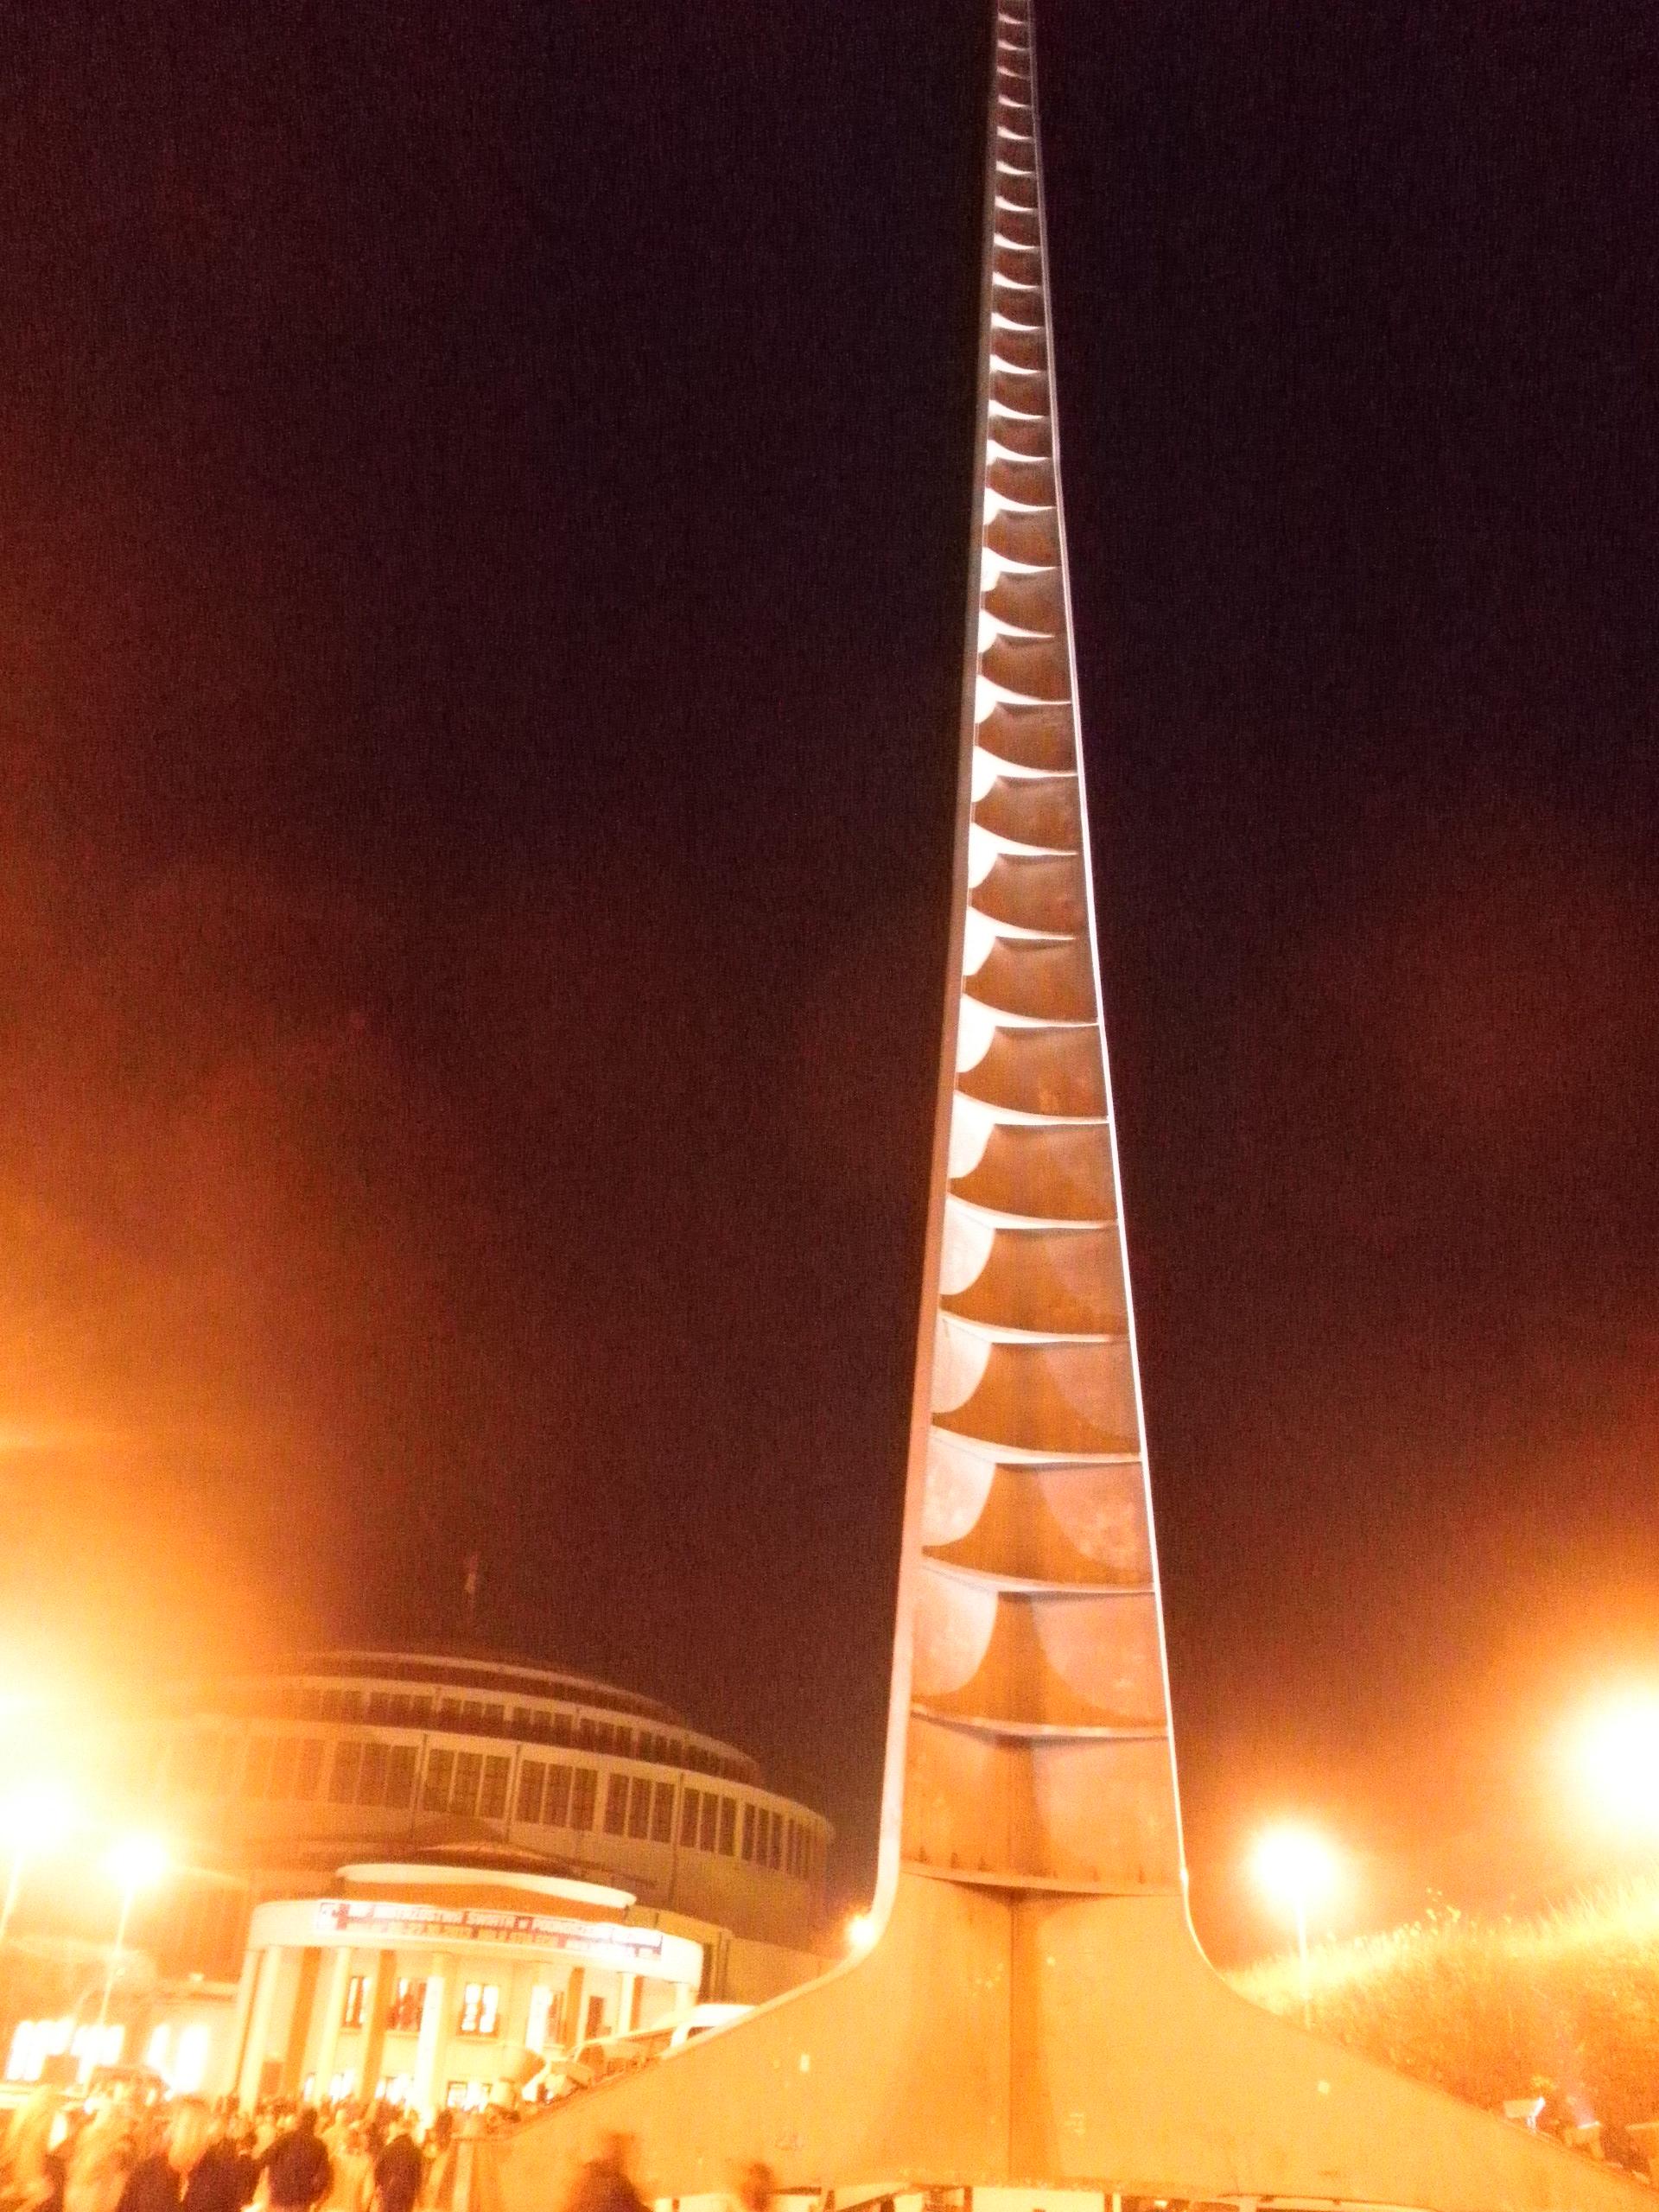 Polsko - Vratislav (Wroclaw), Iglica (Spirála), 1948 u příležitosti Výstavy znovuzískaných zemí, architekt S.Hempel, 96 m, od 2006 památka UNESCO